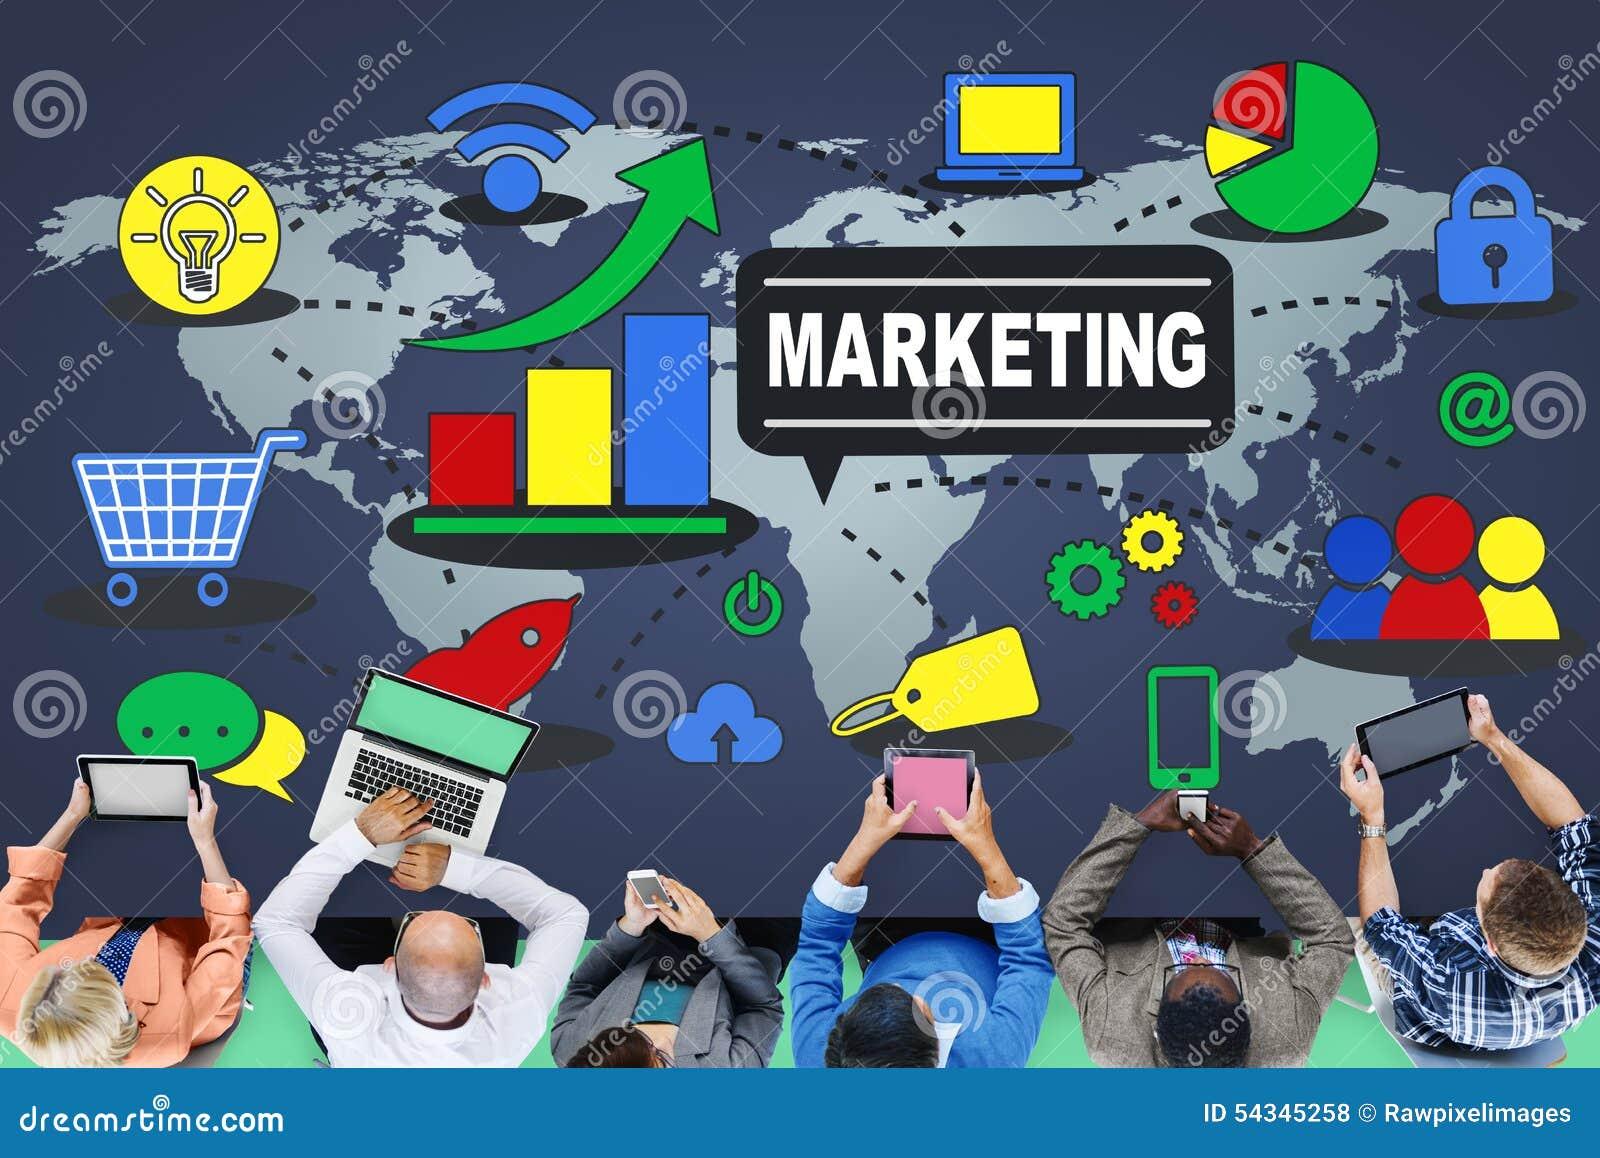 Marketingstrategie, die Handelsanzeigen-Plan einbrennt